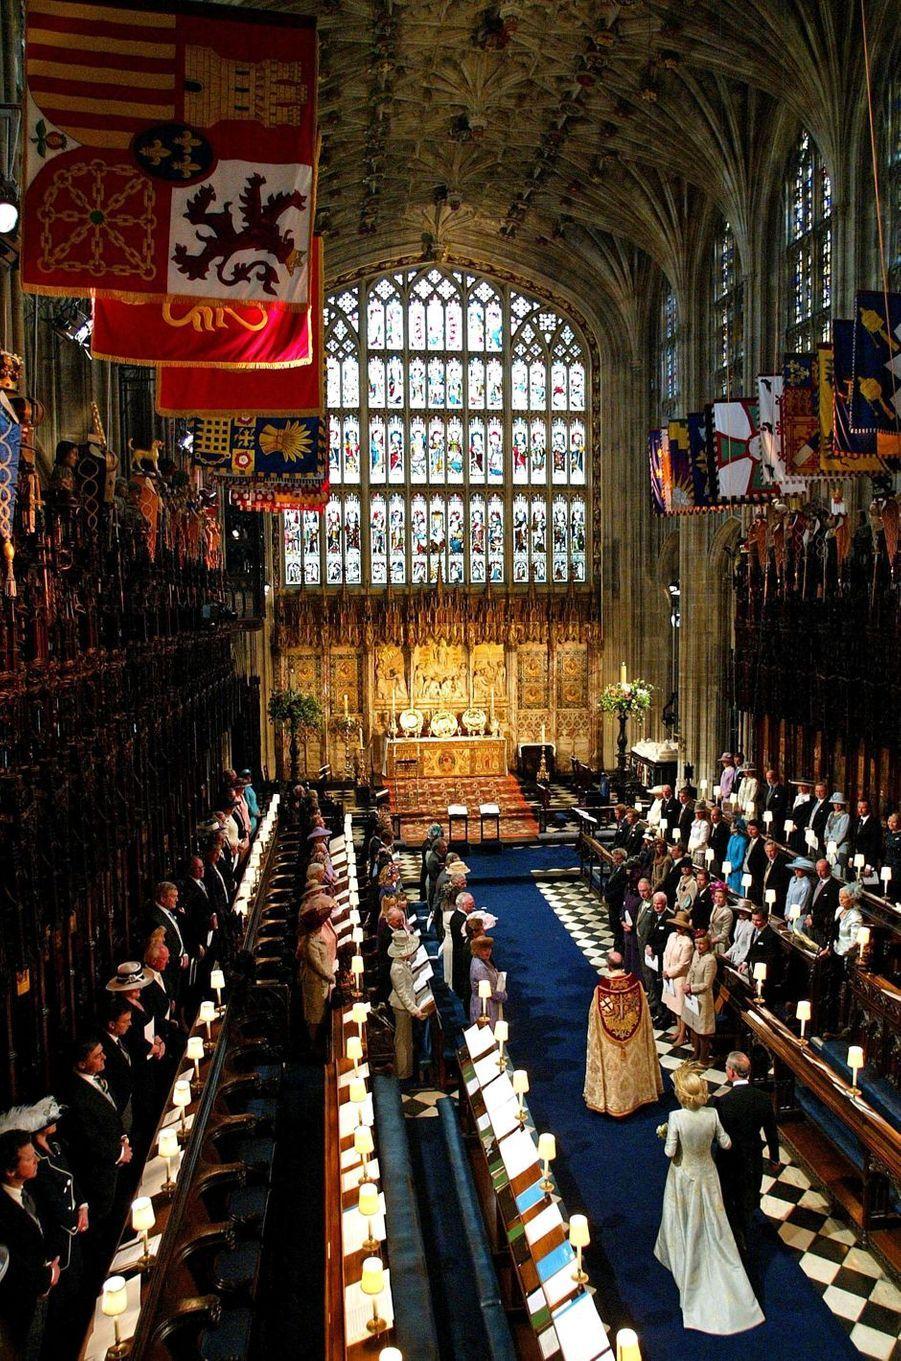 Mariage du prince Charles et de Camilla Parker-Bowles, le 9 mai 2005